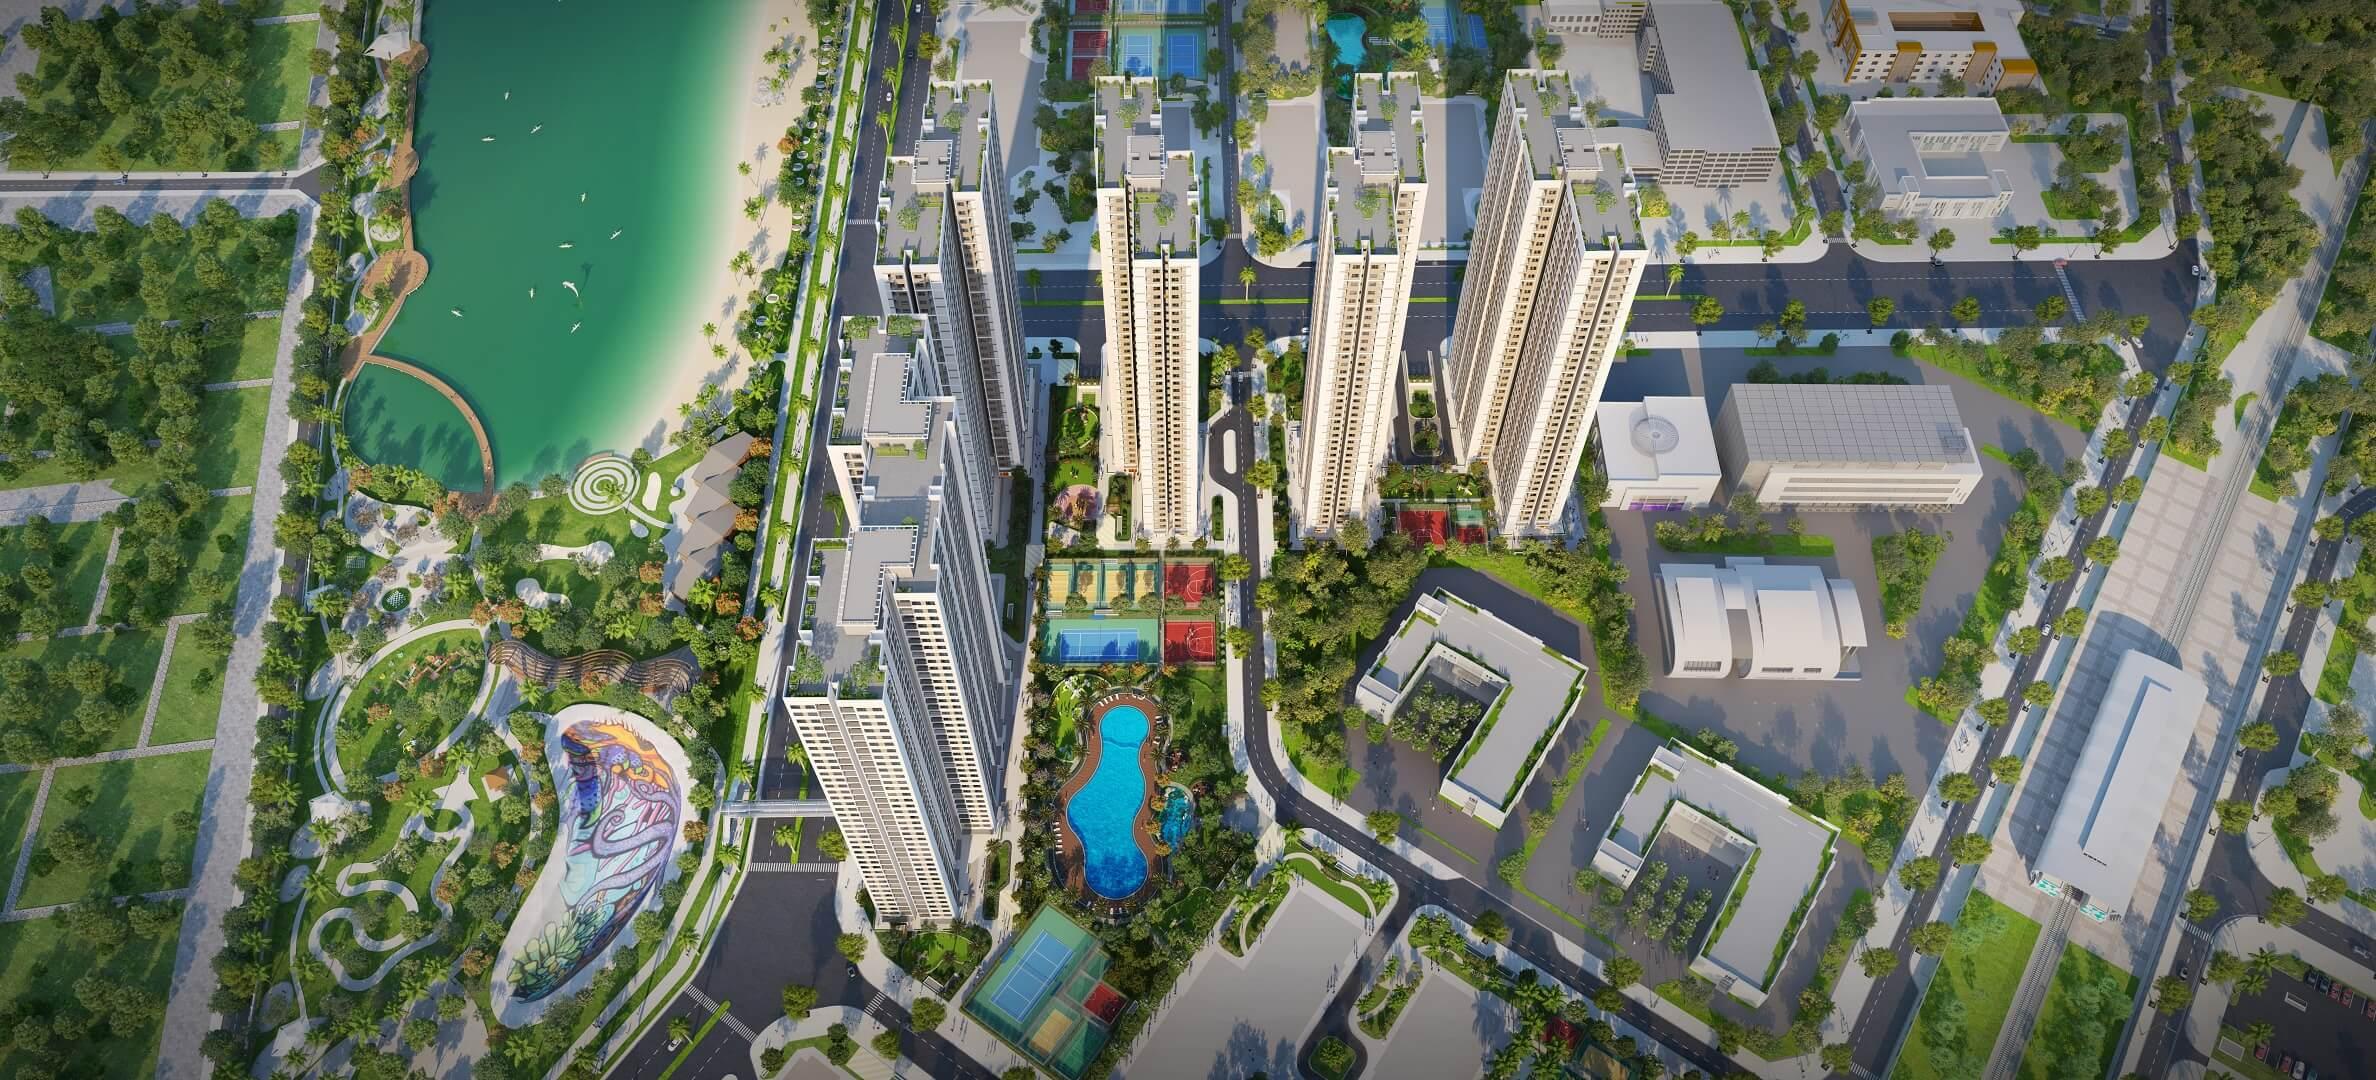 dự án imperia smart city tây mỗ